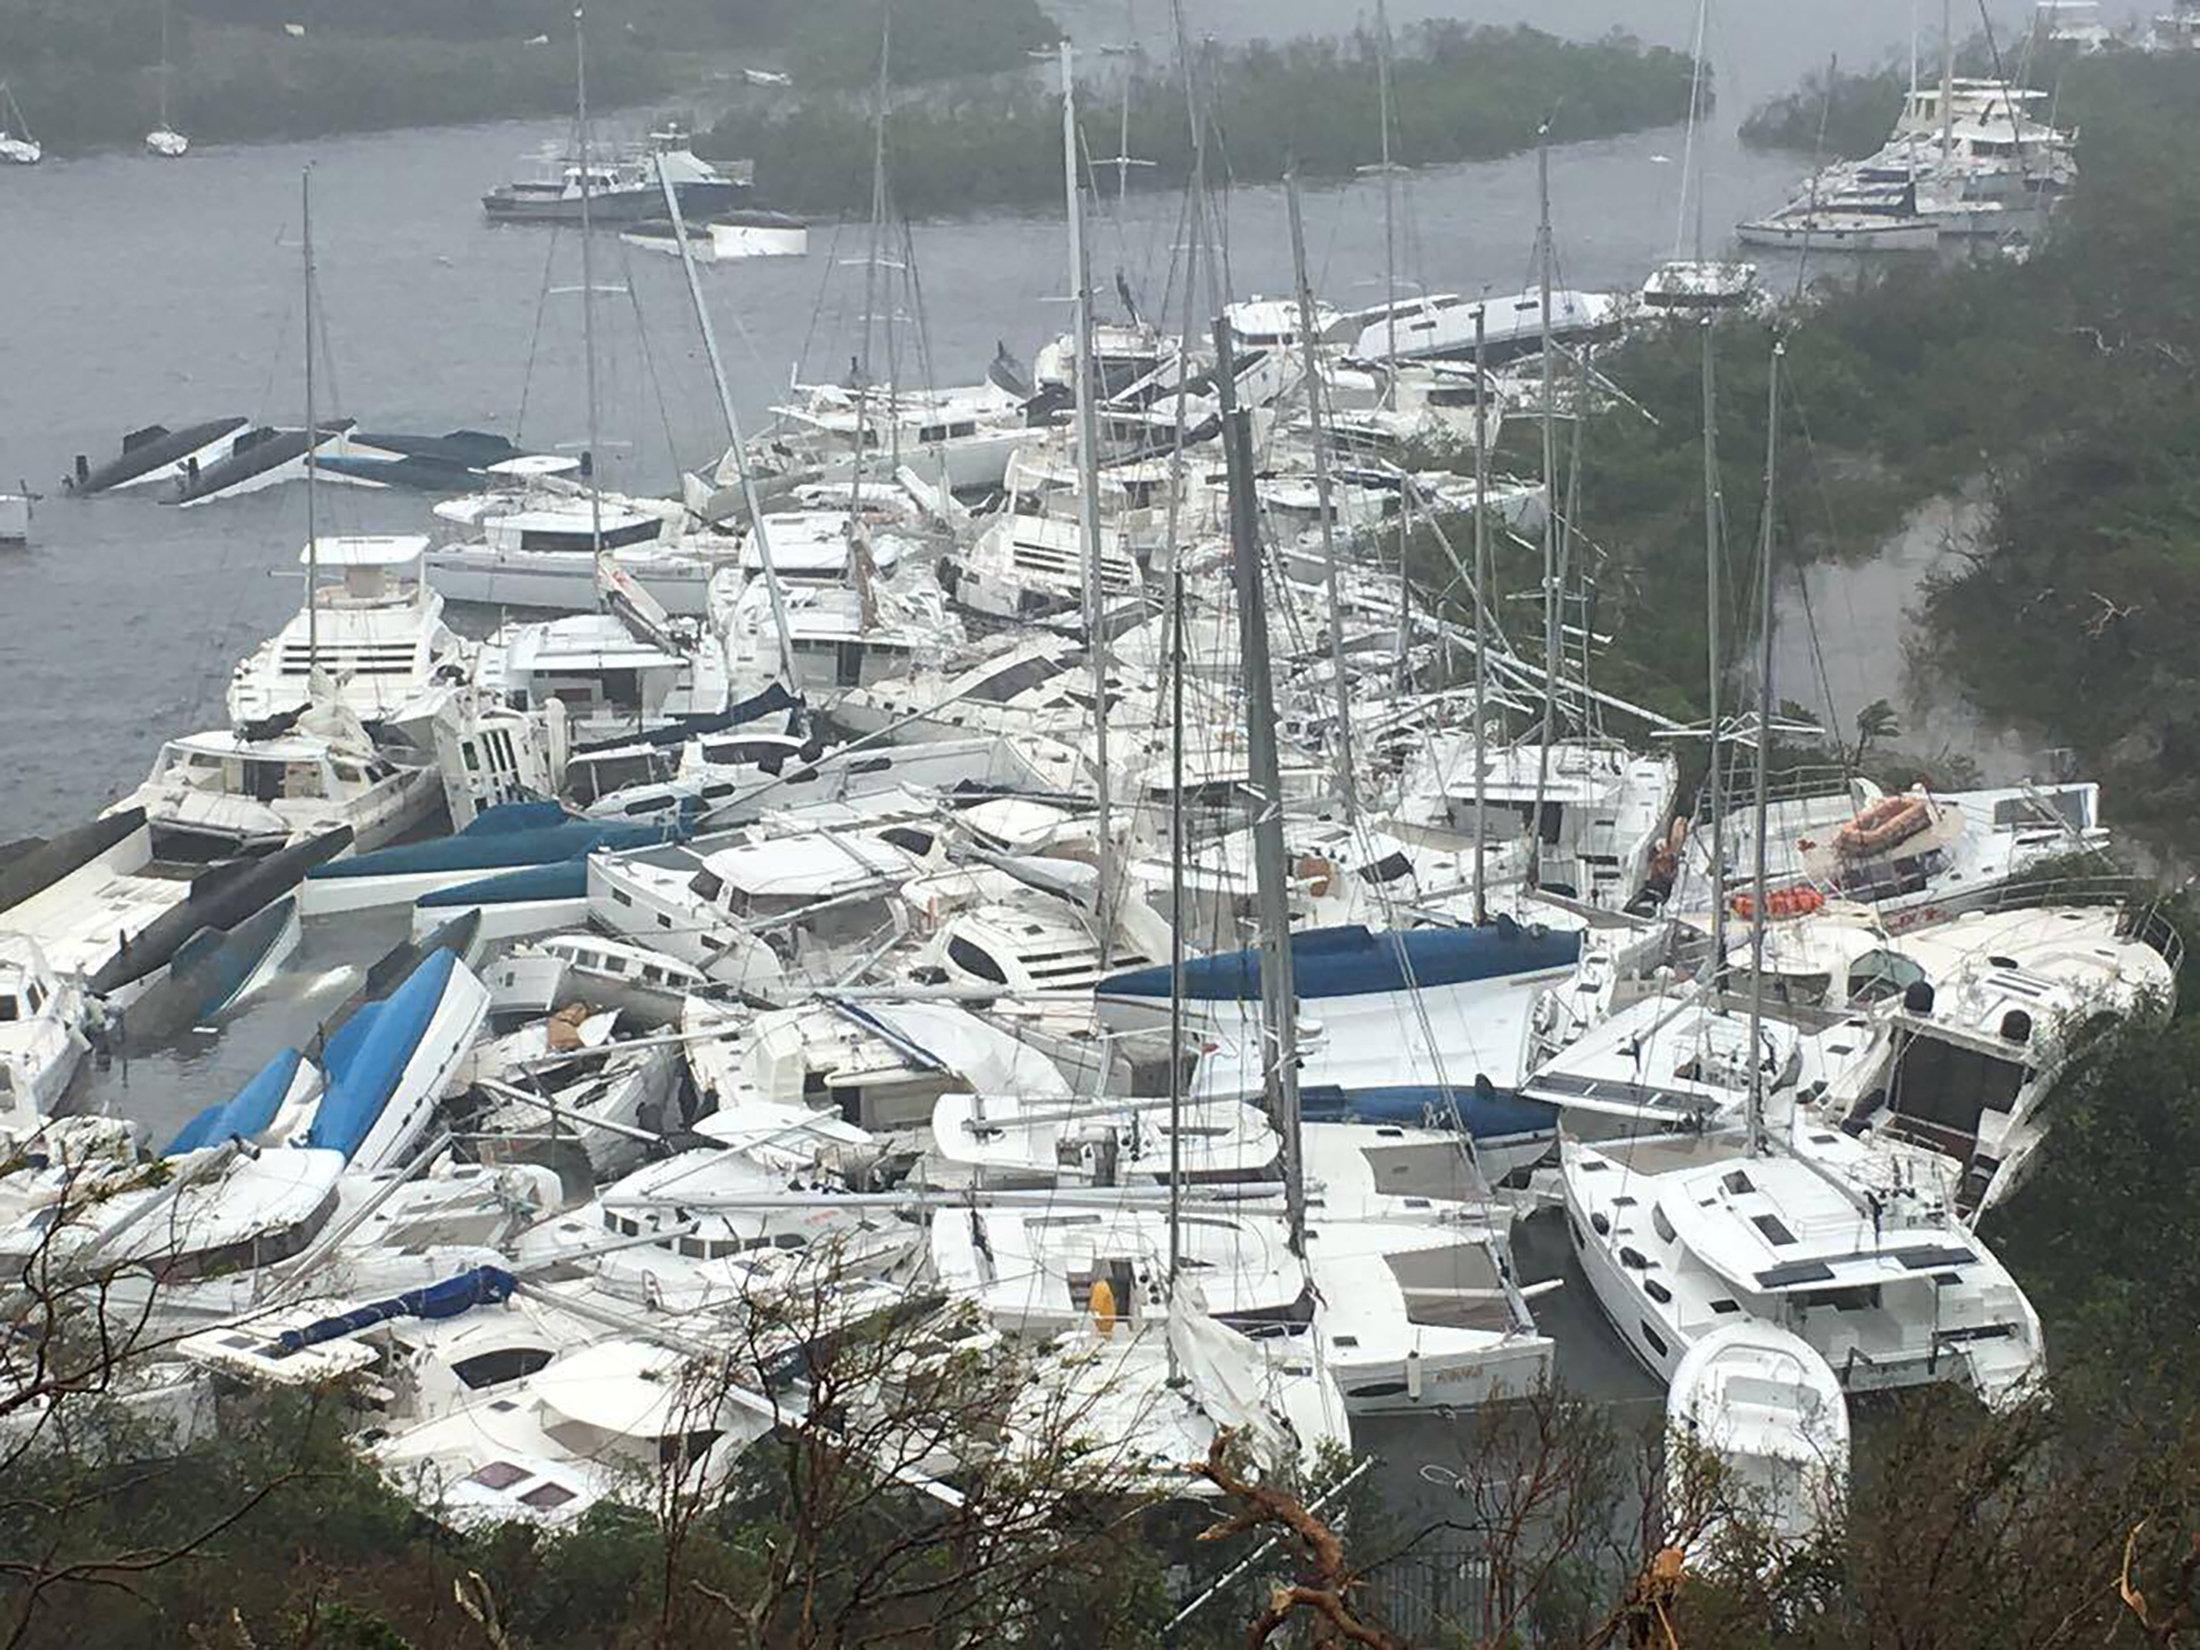 Barcos amontonados enParaquita Bay enTortola, en las islas Vírgenes Británicas (Gentileza Ron Gurney/via REUTERS)